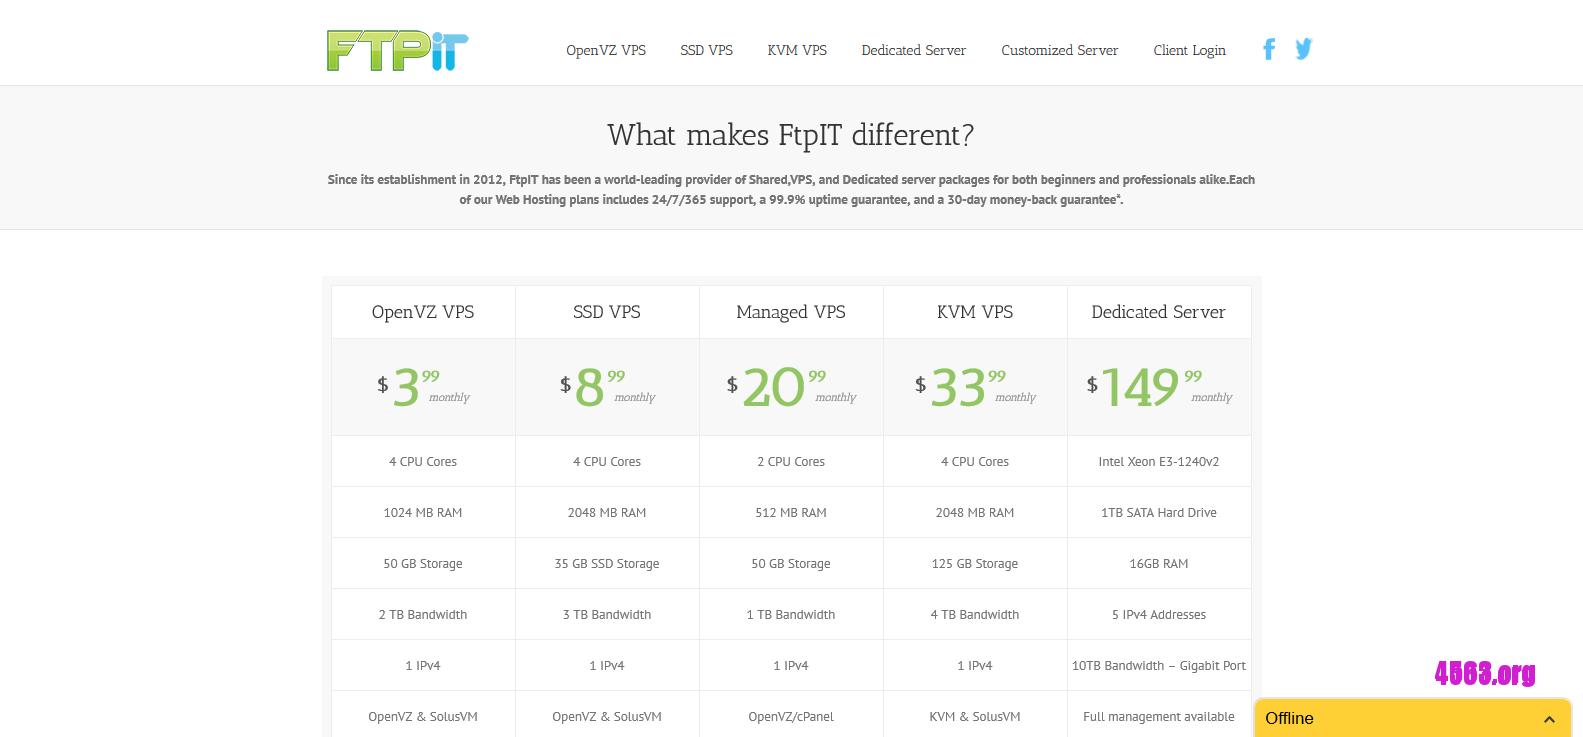 FtpIt纽约VPS@512MB内存/10GB SSD空间/2TB流量@$1.64/月